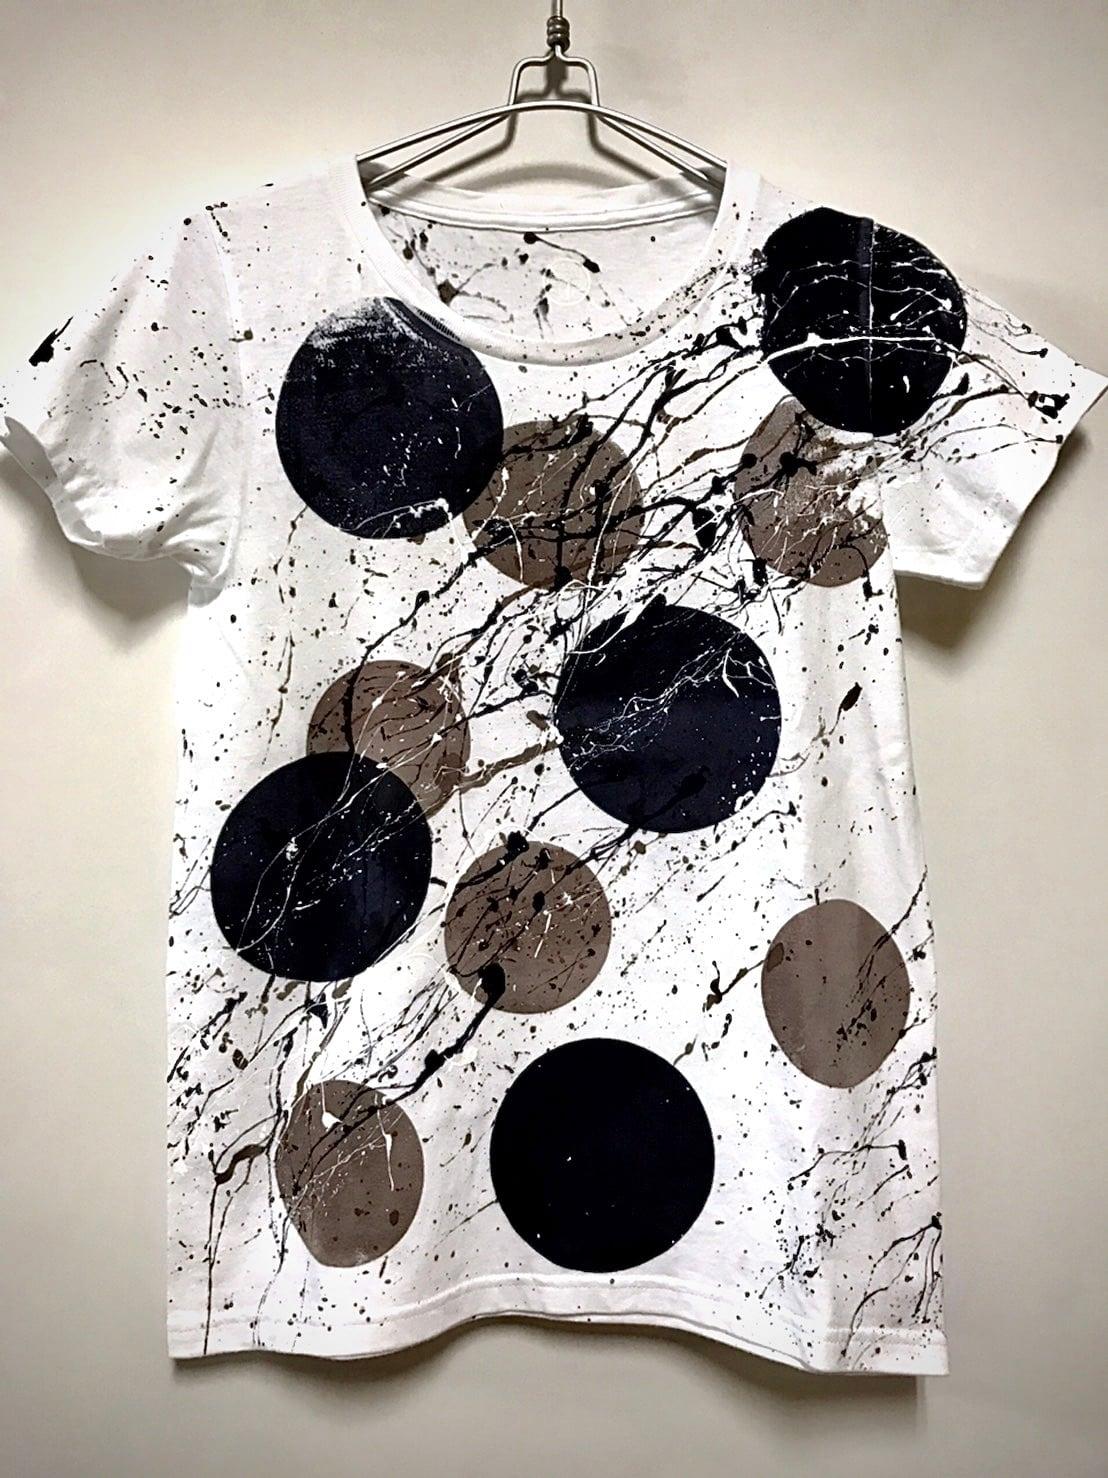 ランダムドットシブキTシャツ(白地×モノトーンモチーフ)